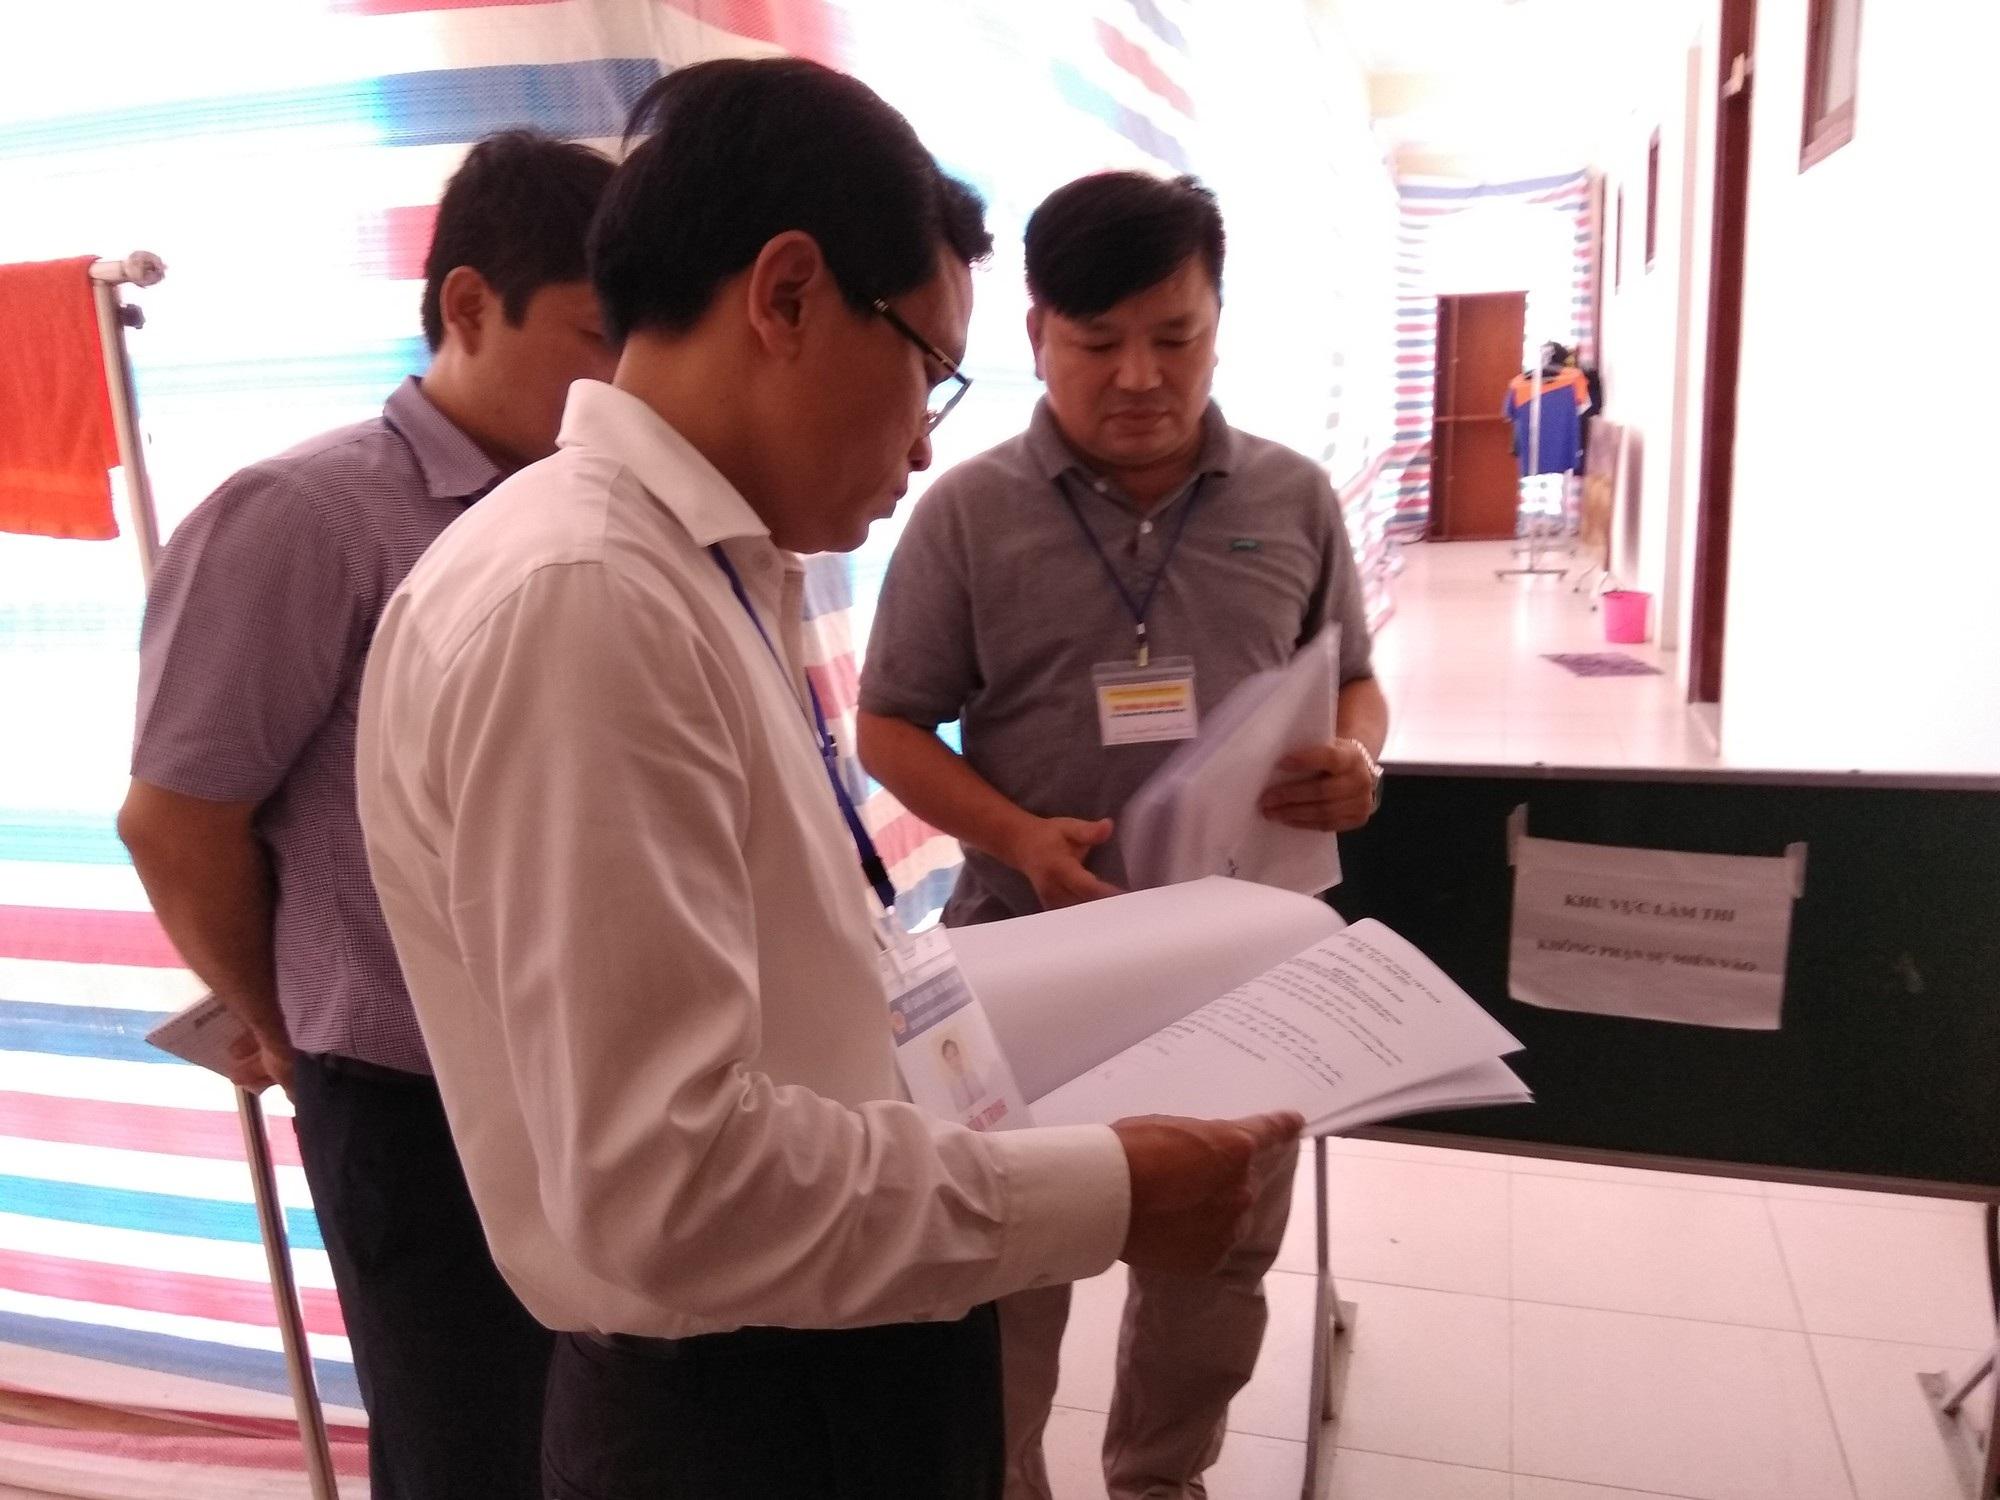 Ông Mai Văn Trinh, Cục trưởng Cục Quản lý Chất lượng (Bộ GD&ĐT) kiểm tra khâu chấm trắc nghiệm tại Hòa Bình (Ảnh: Mỹ Hà).